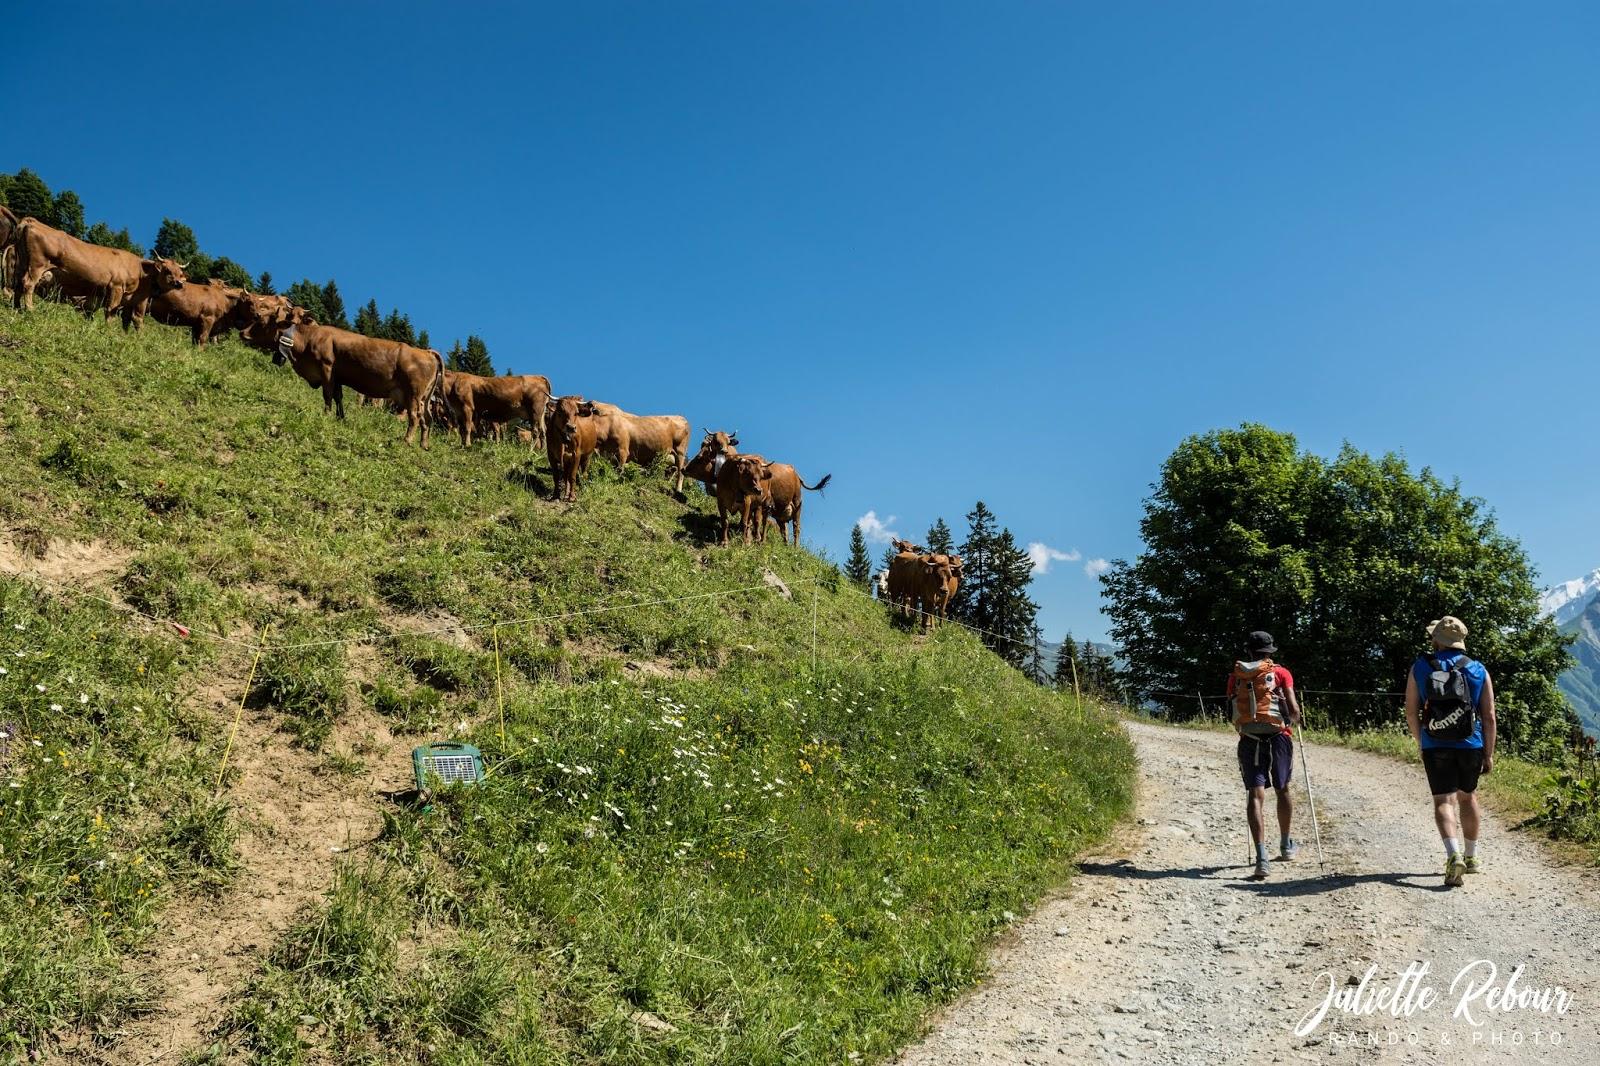 Randonnée près des alpages en Savoie